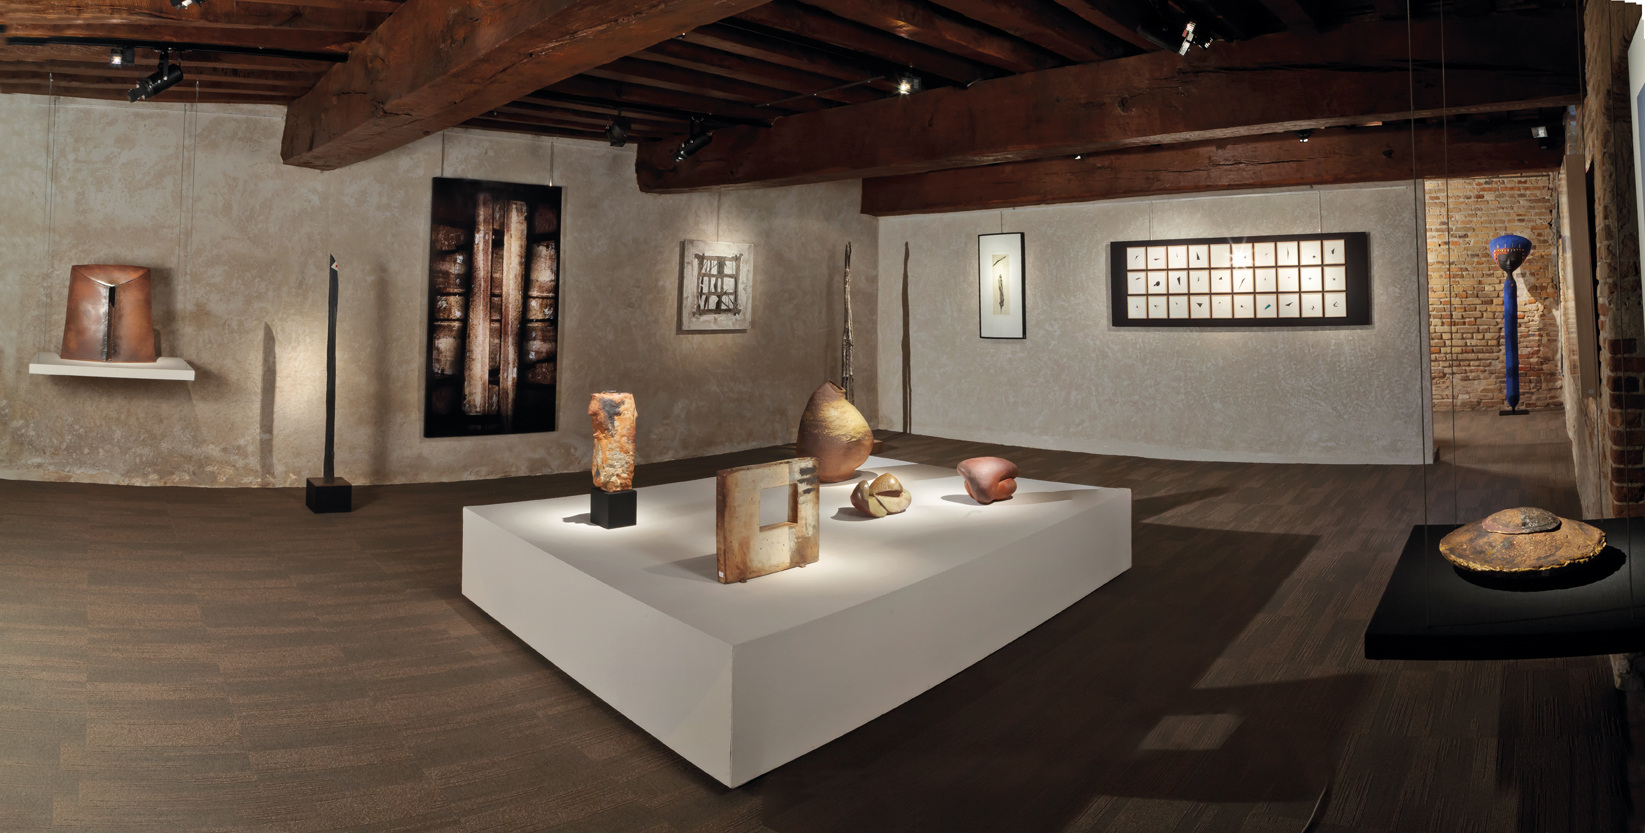 Vue de l'exposition@Ensemble depuis 40 ans, troisième salle